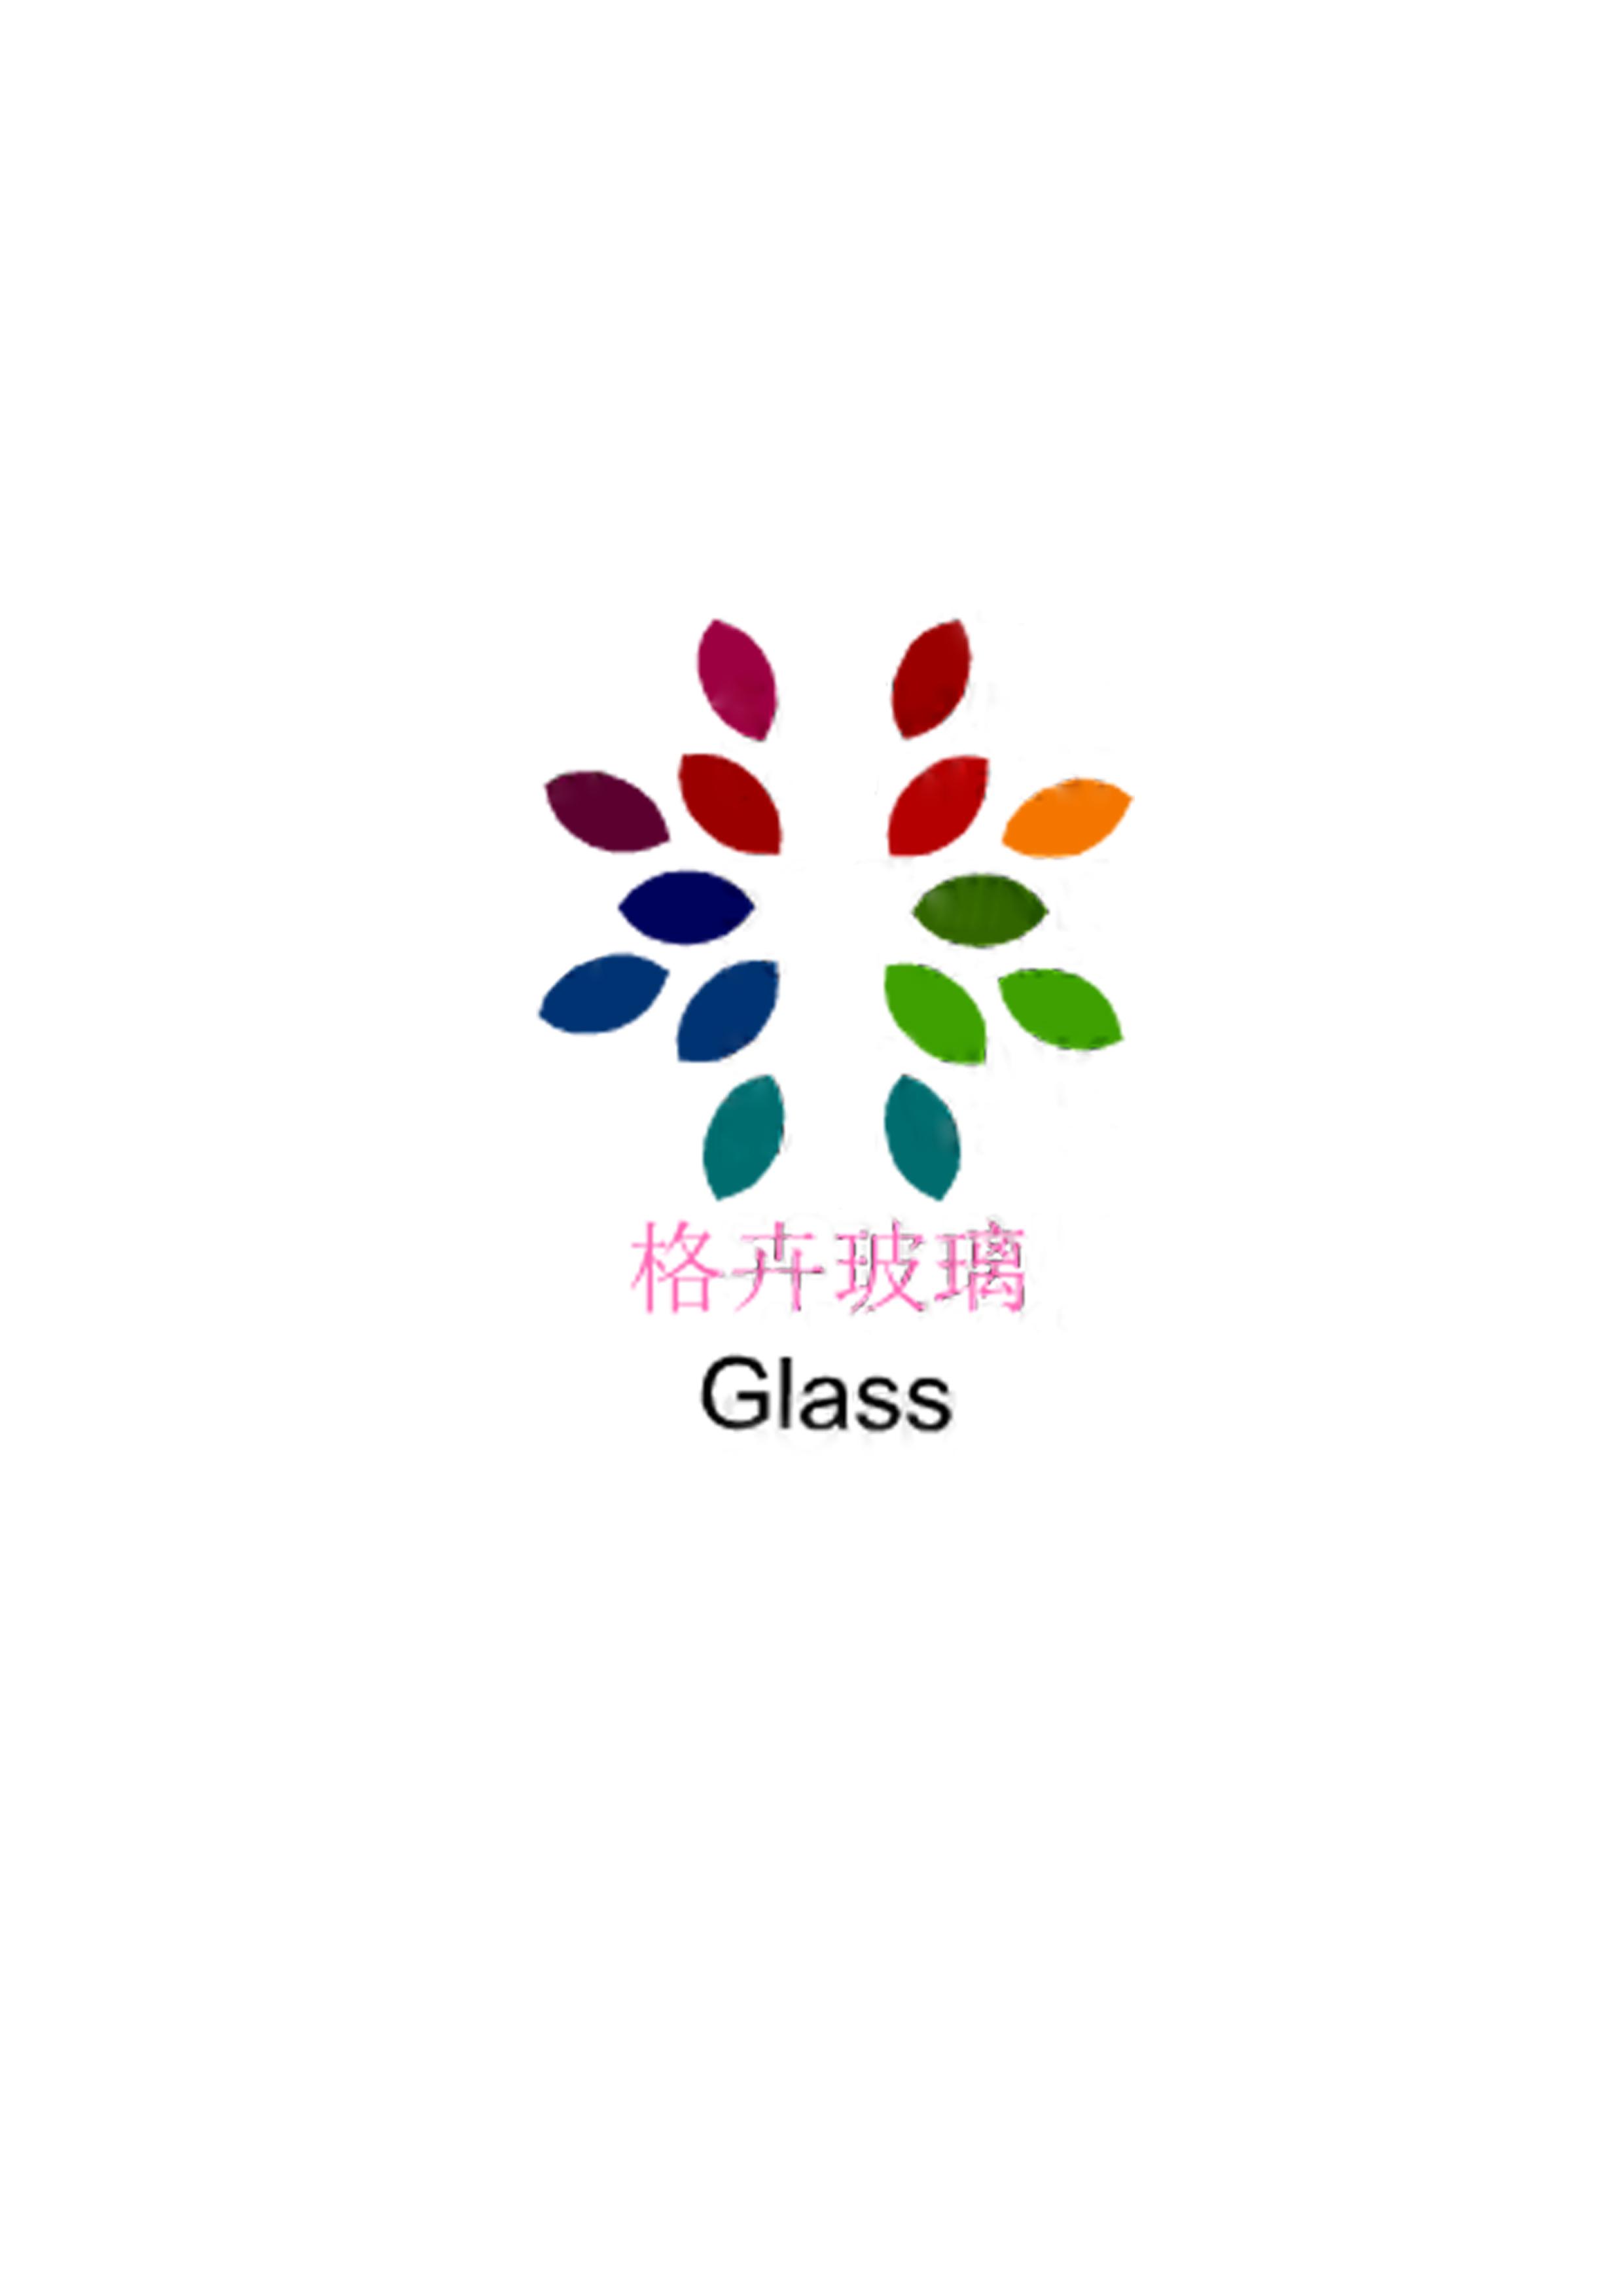 上海格卉玻璃有限公司